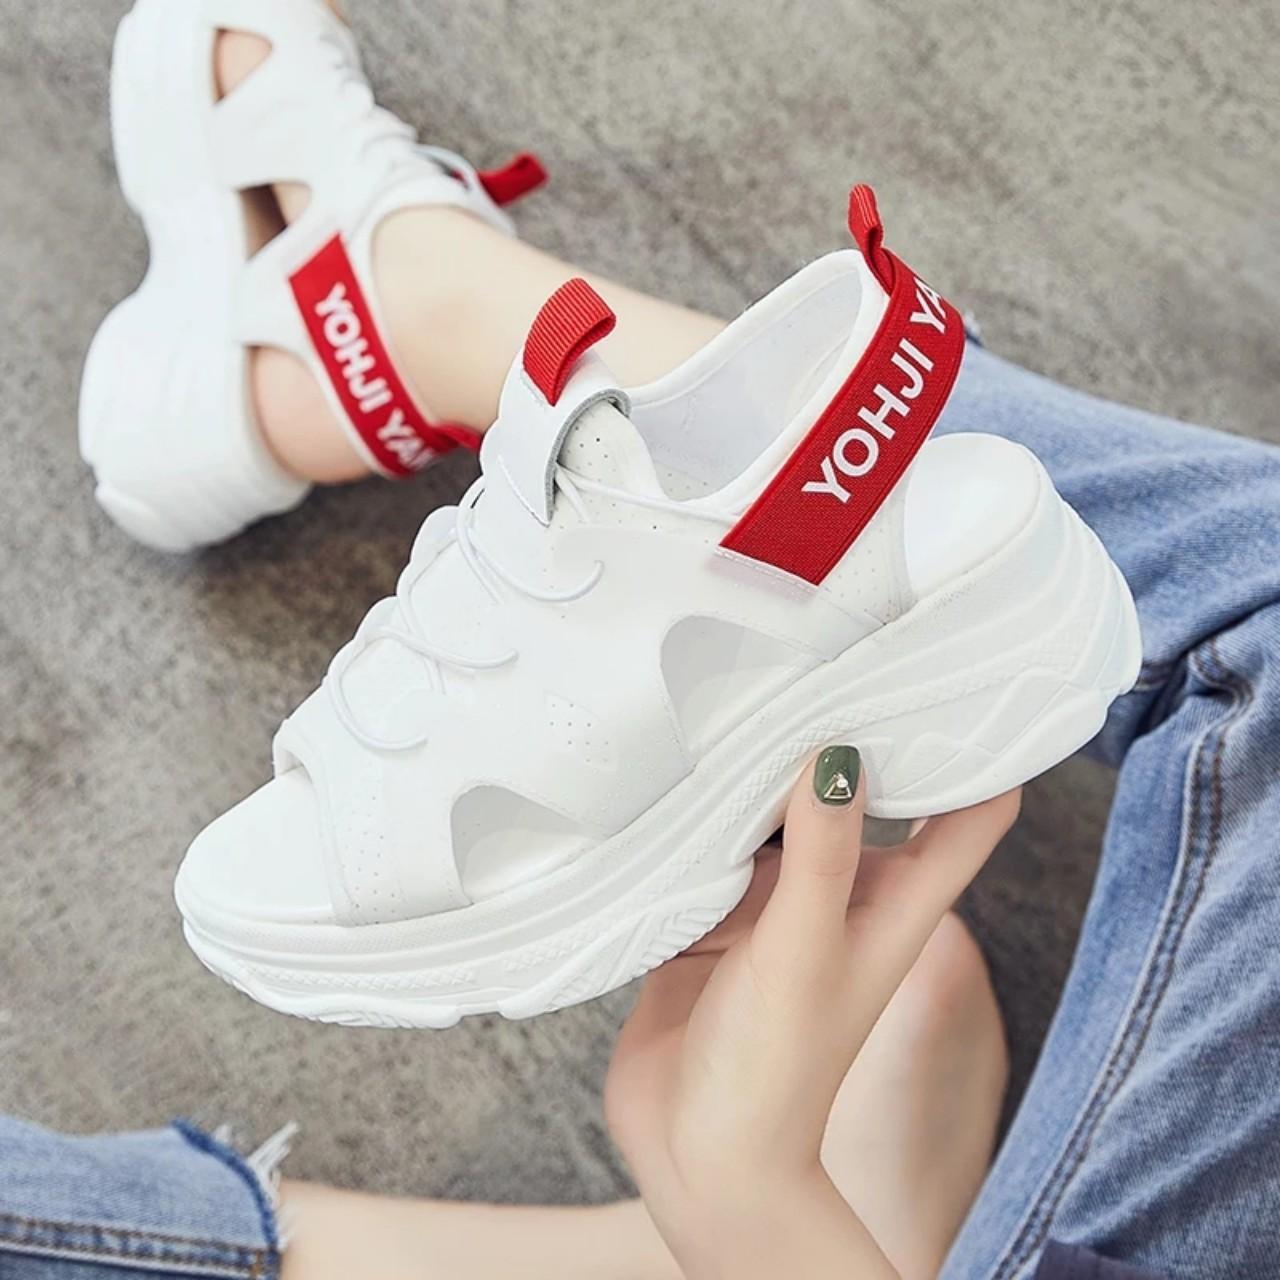 Sandal đế cao chữ Yamamoto / Video Shop Quay /